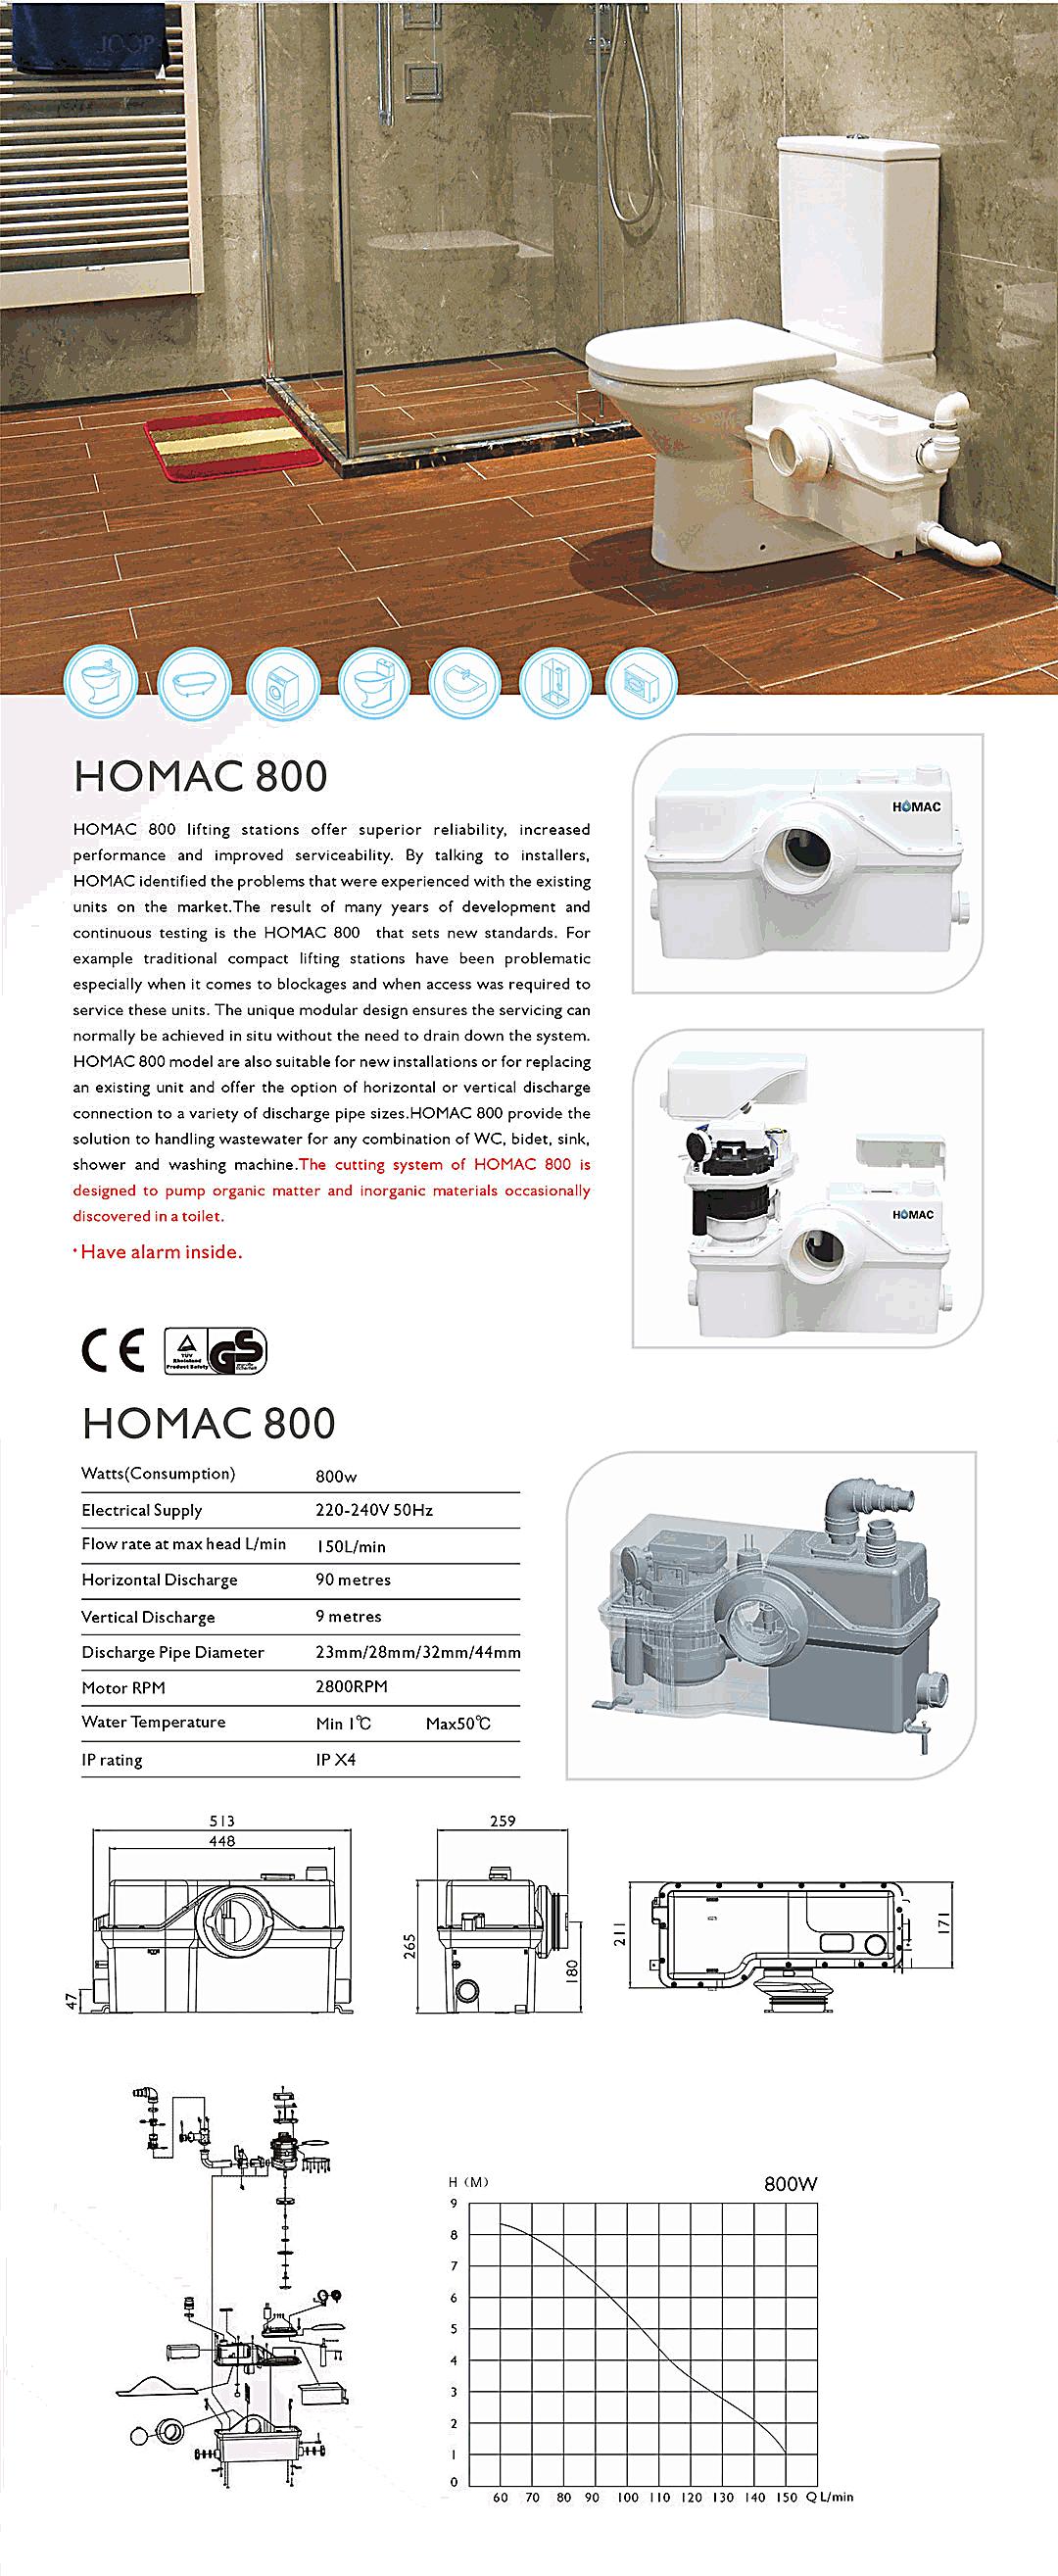 HOMAC 800